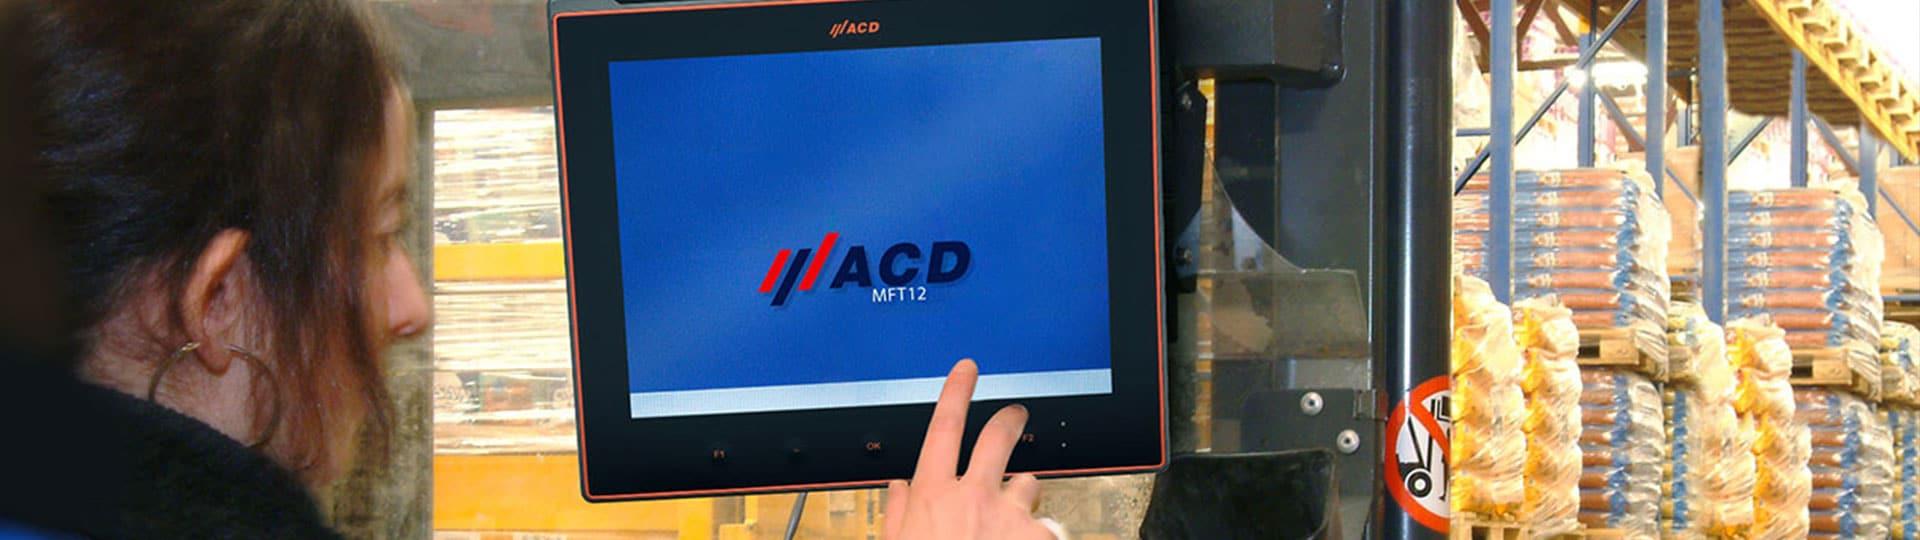 Utilisation des unités ACD dans la zone de congélation